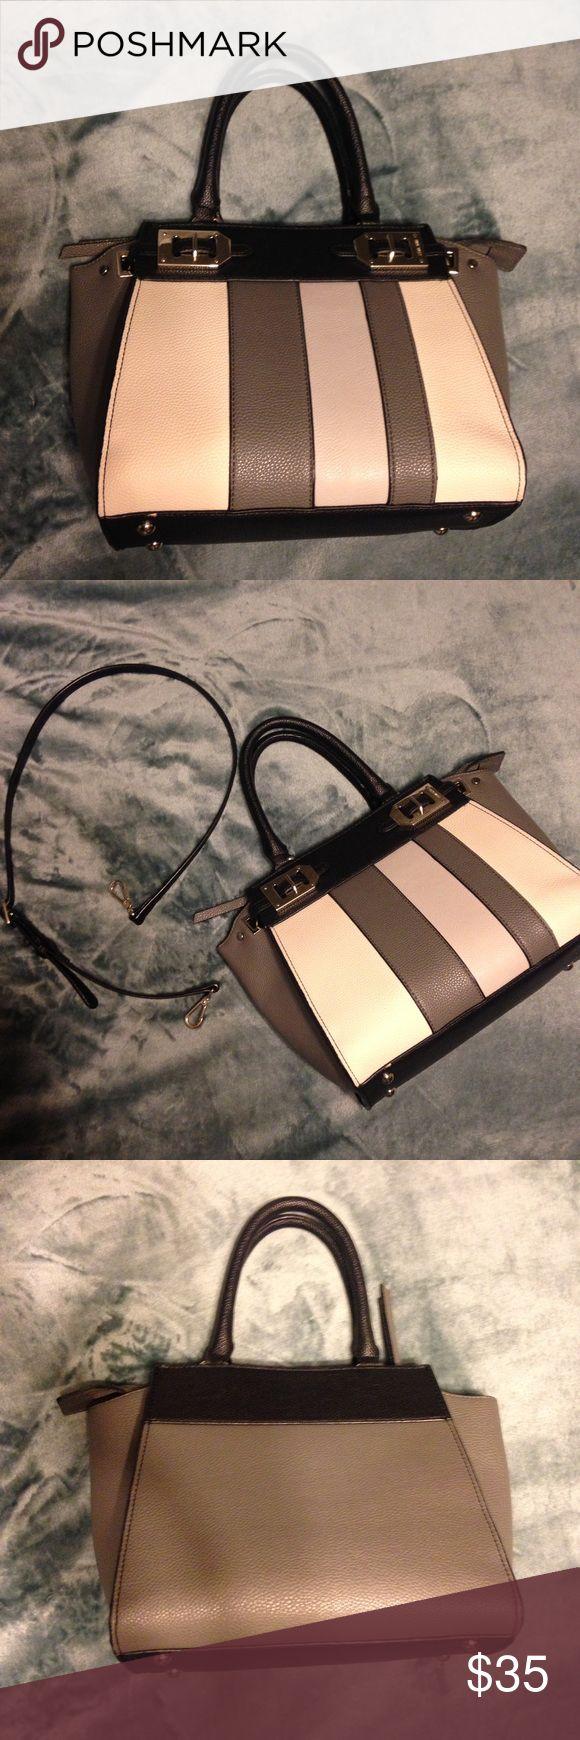 Nine West purse Nine West purse. It has a detachable strap. Excellent condition! Nine West Bags Shoulder Bags